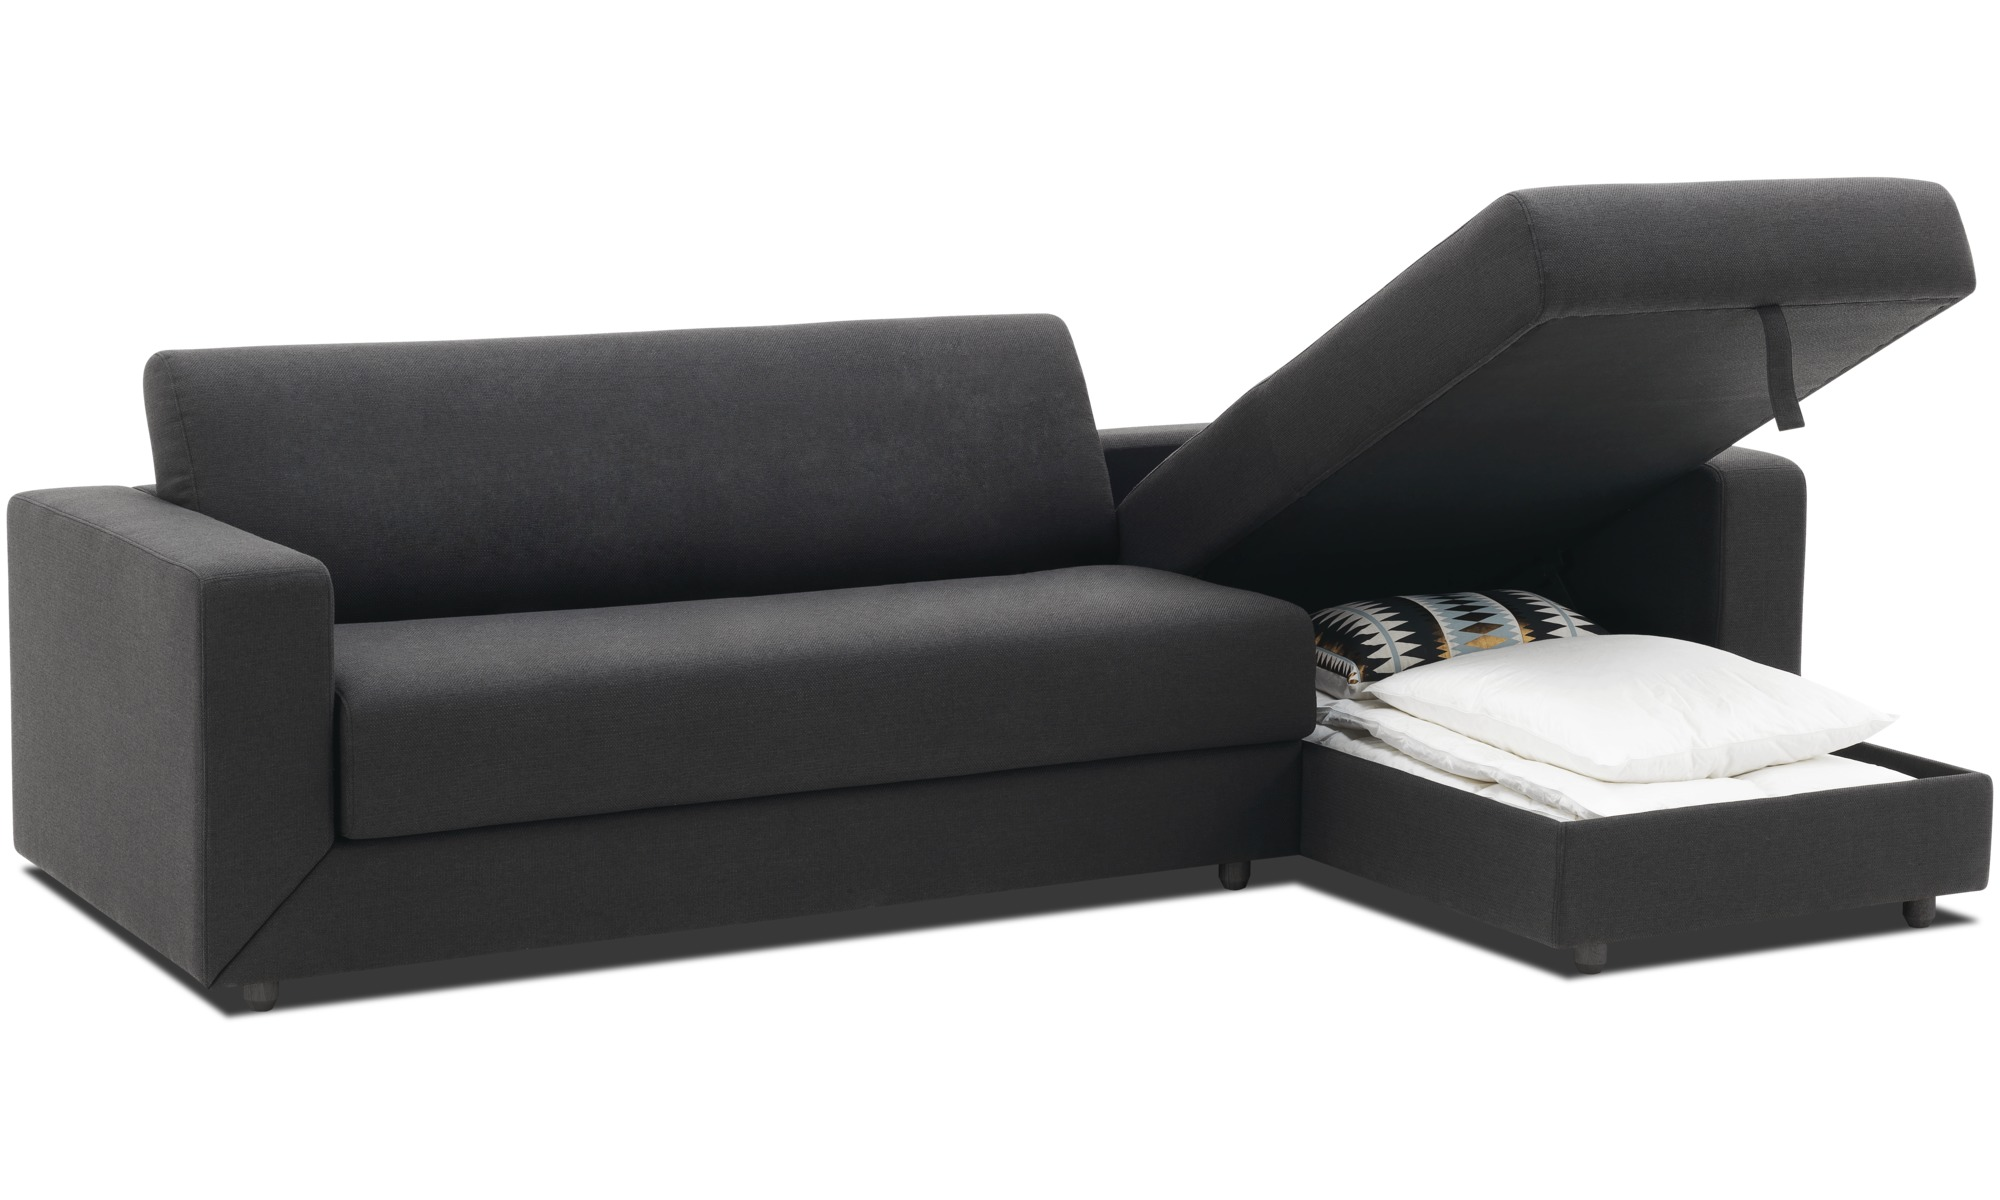 Novos designs sof cama stockholm com m dulo de descanso - Sofas de descanso ...